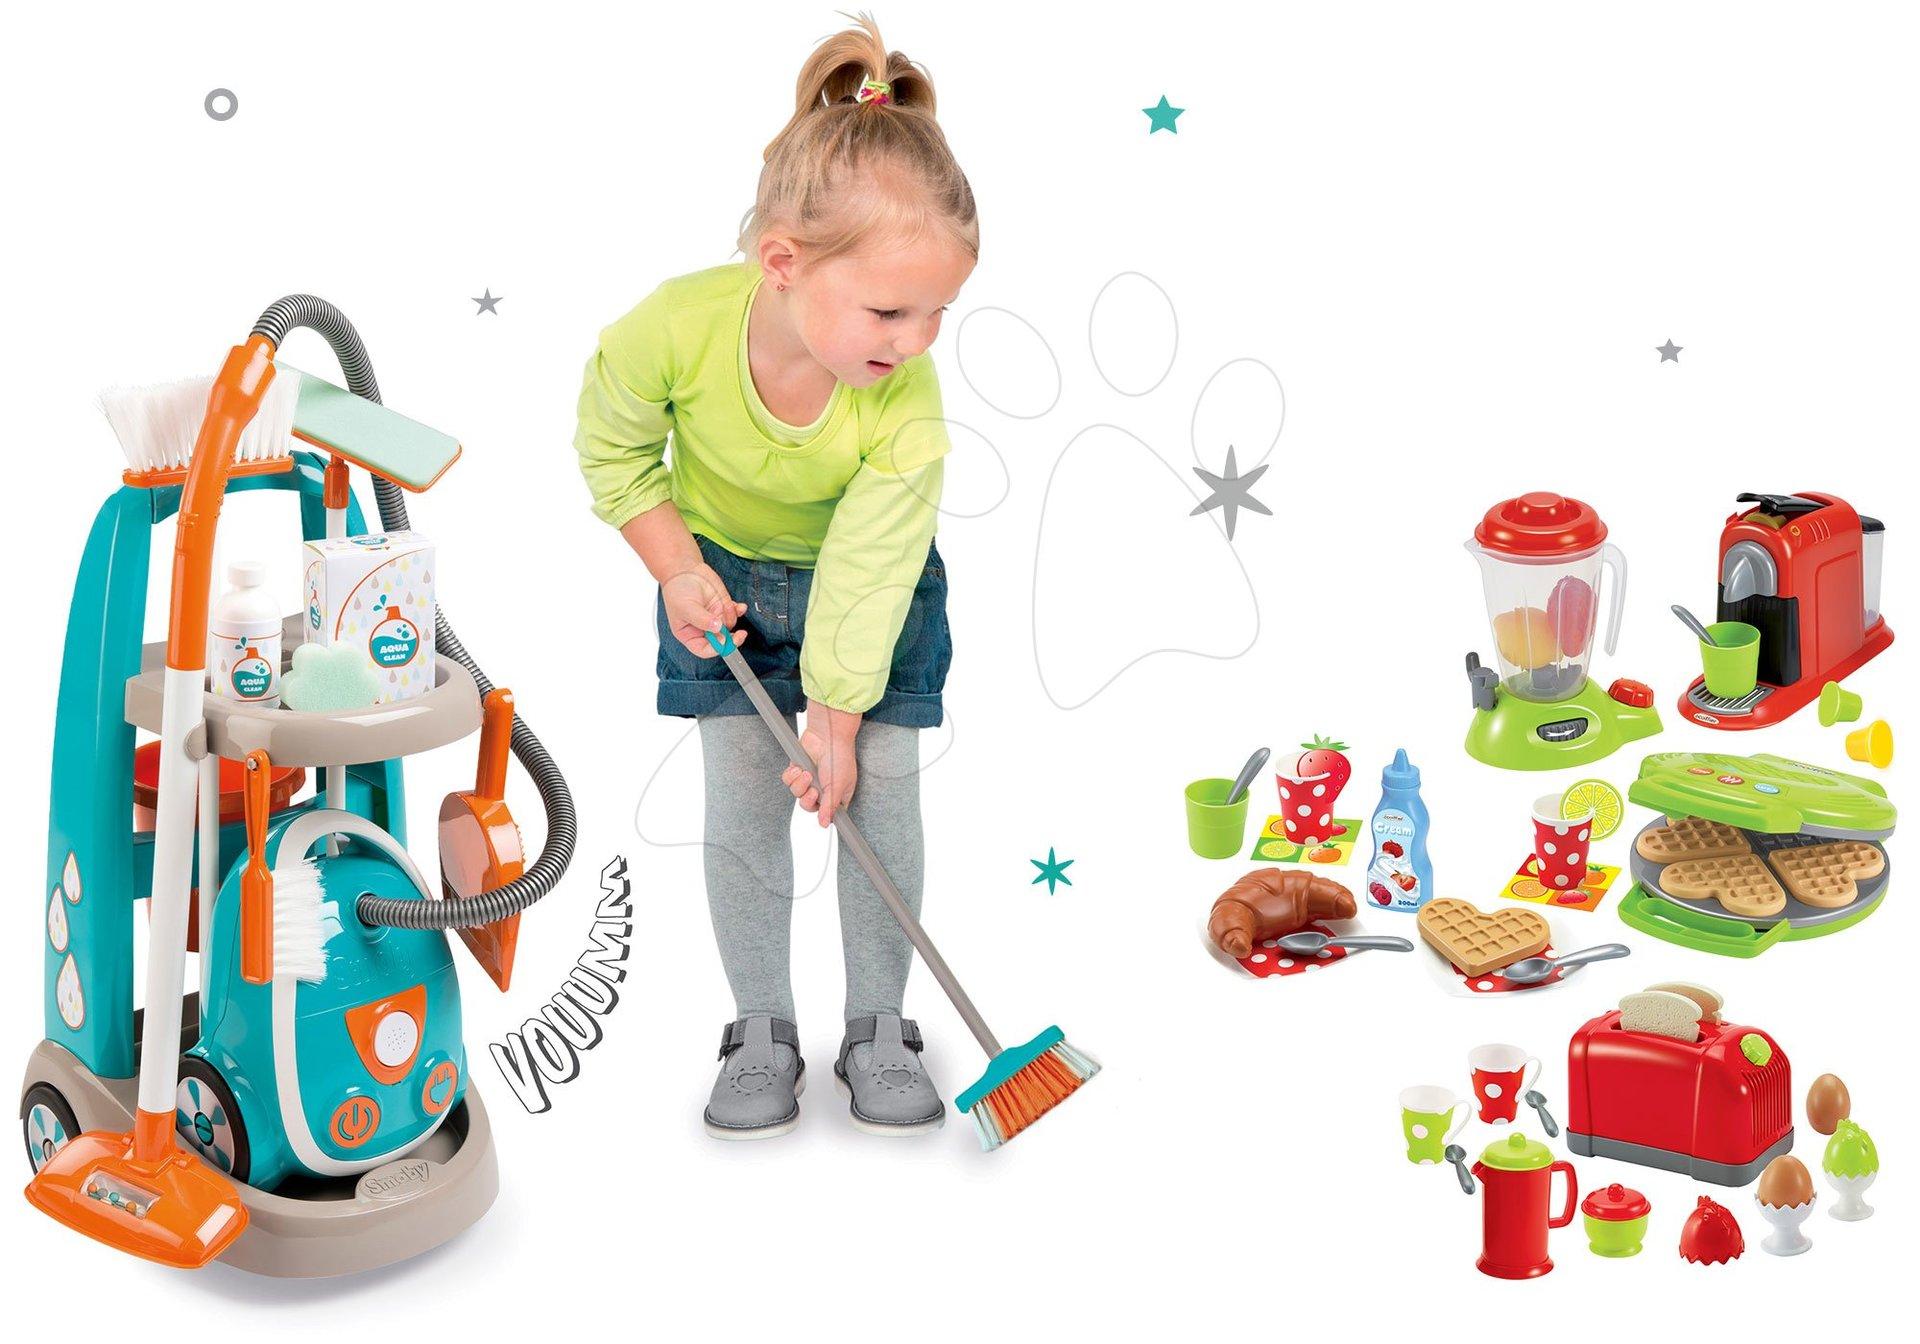 Hry na domácnosť - Set upratovací vozík s elektronickým vysávačom Vacuum Cleaner Smoby a vaflovač s mixérom kávovarom a hriankovač s vajíčkami